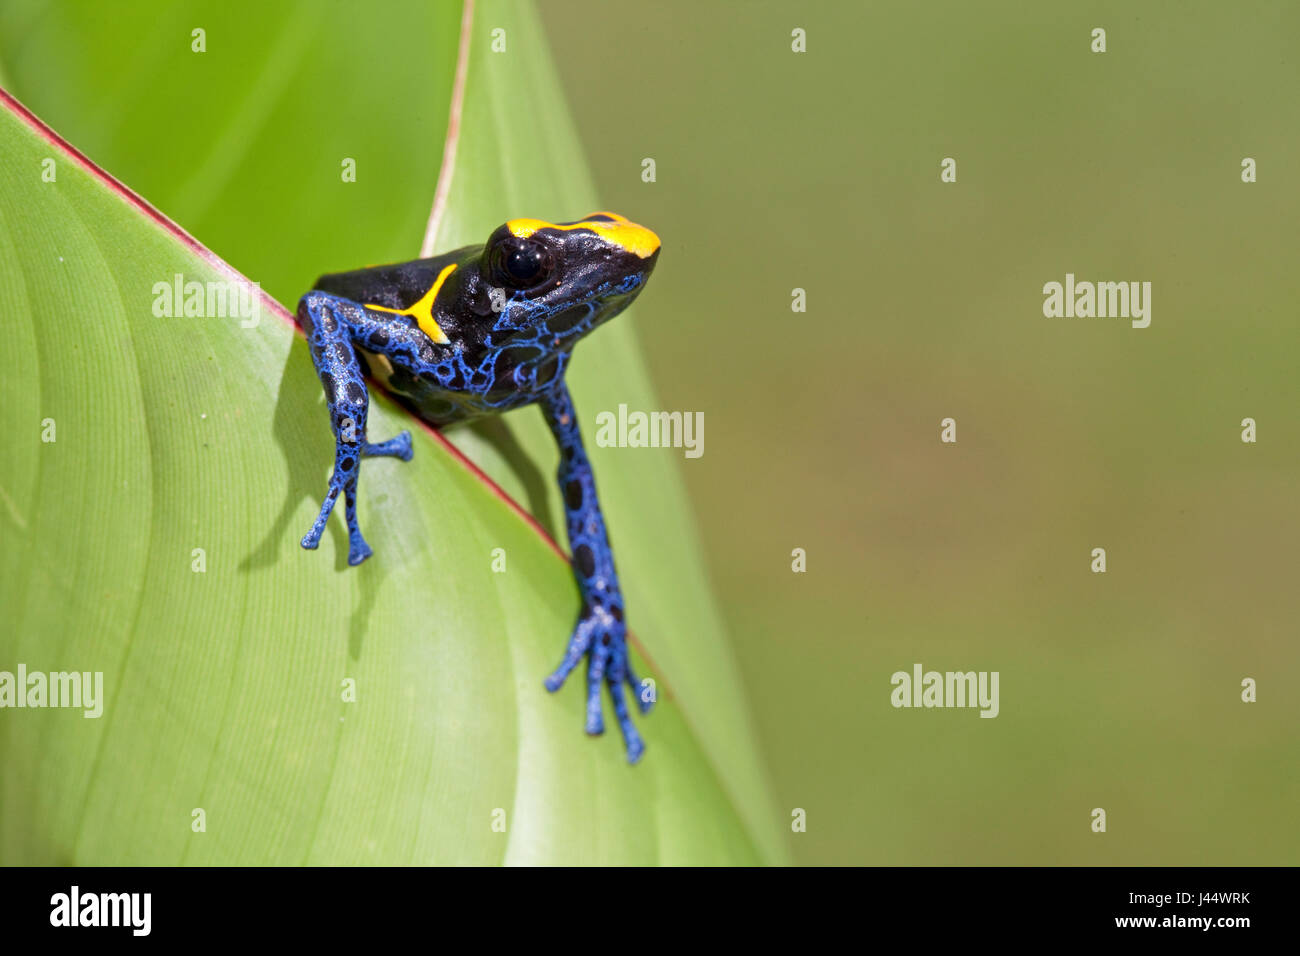 Foto di una tintura rana dart strisciando fuori di una foglia verde Immagini Stock